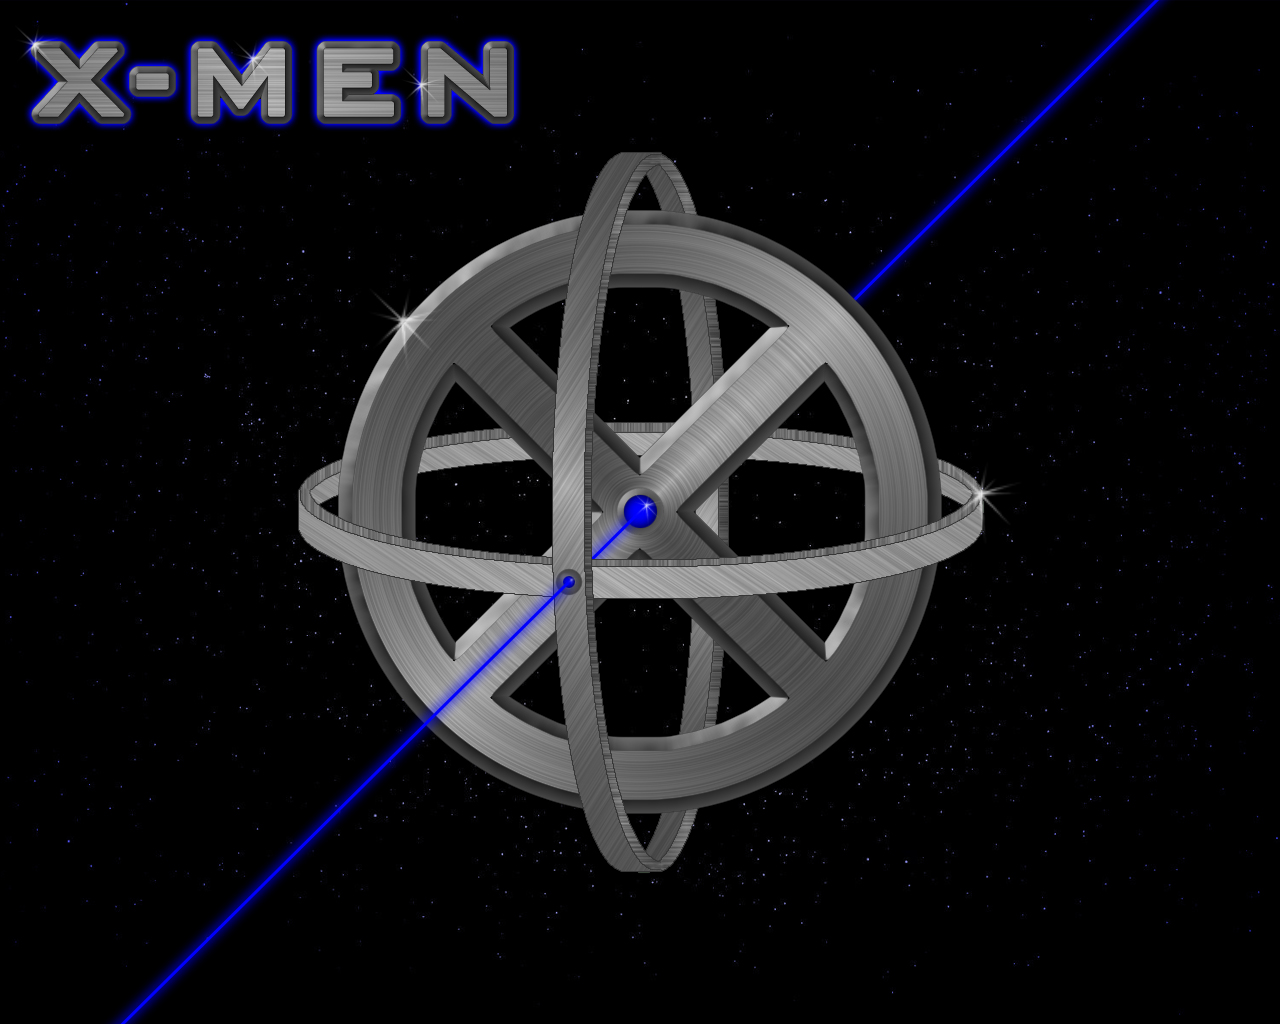 Men Logo in Space by CBU2029 1280x1024